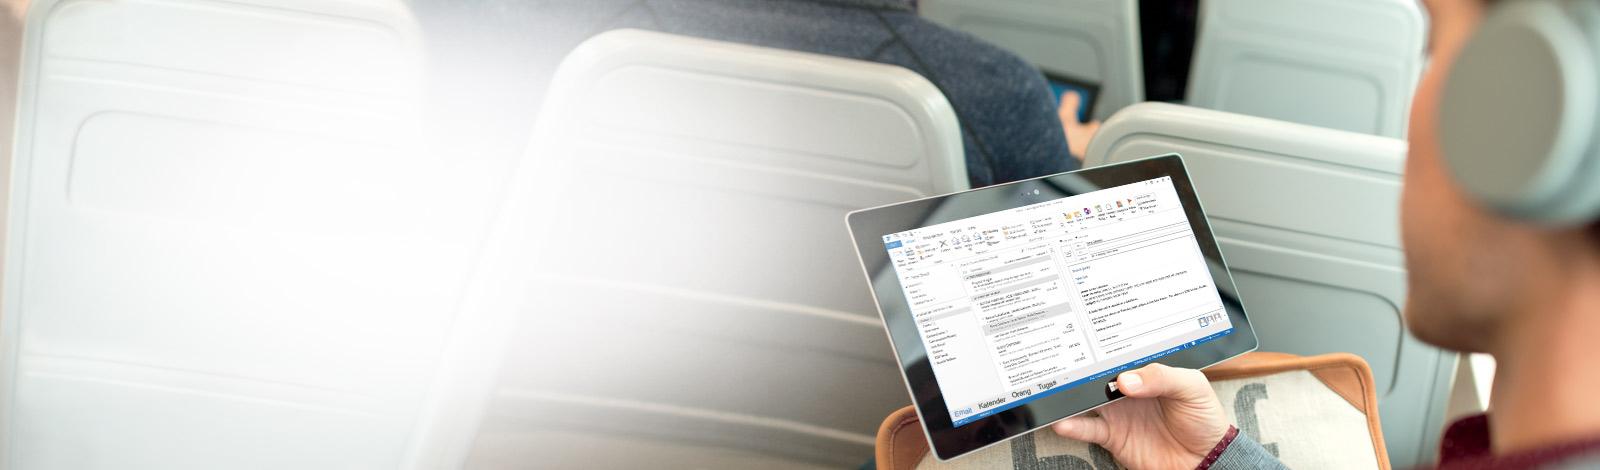 Seorang pria memegang tablet memperlihatkan kotak masuk emailnya. Akses email di mana saja dengan Office 365.